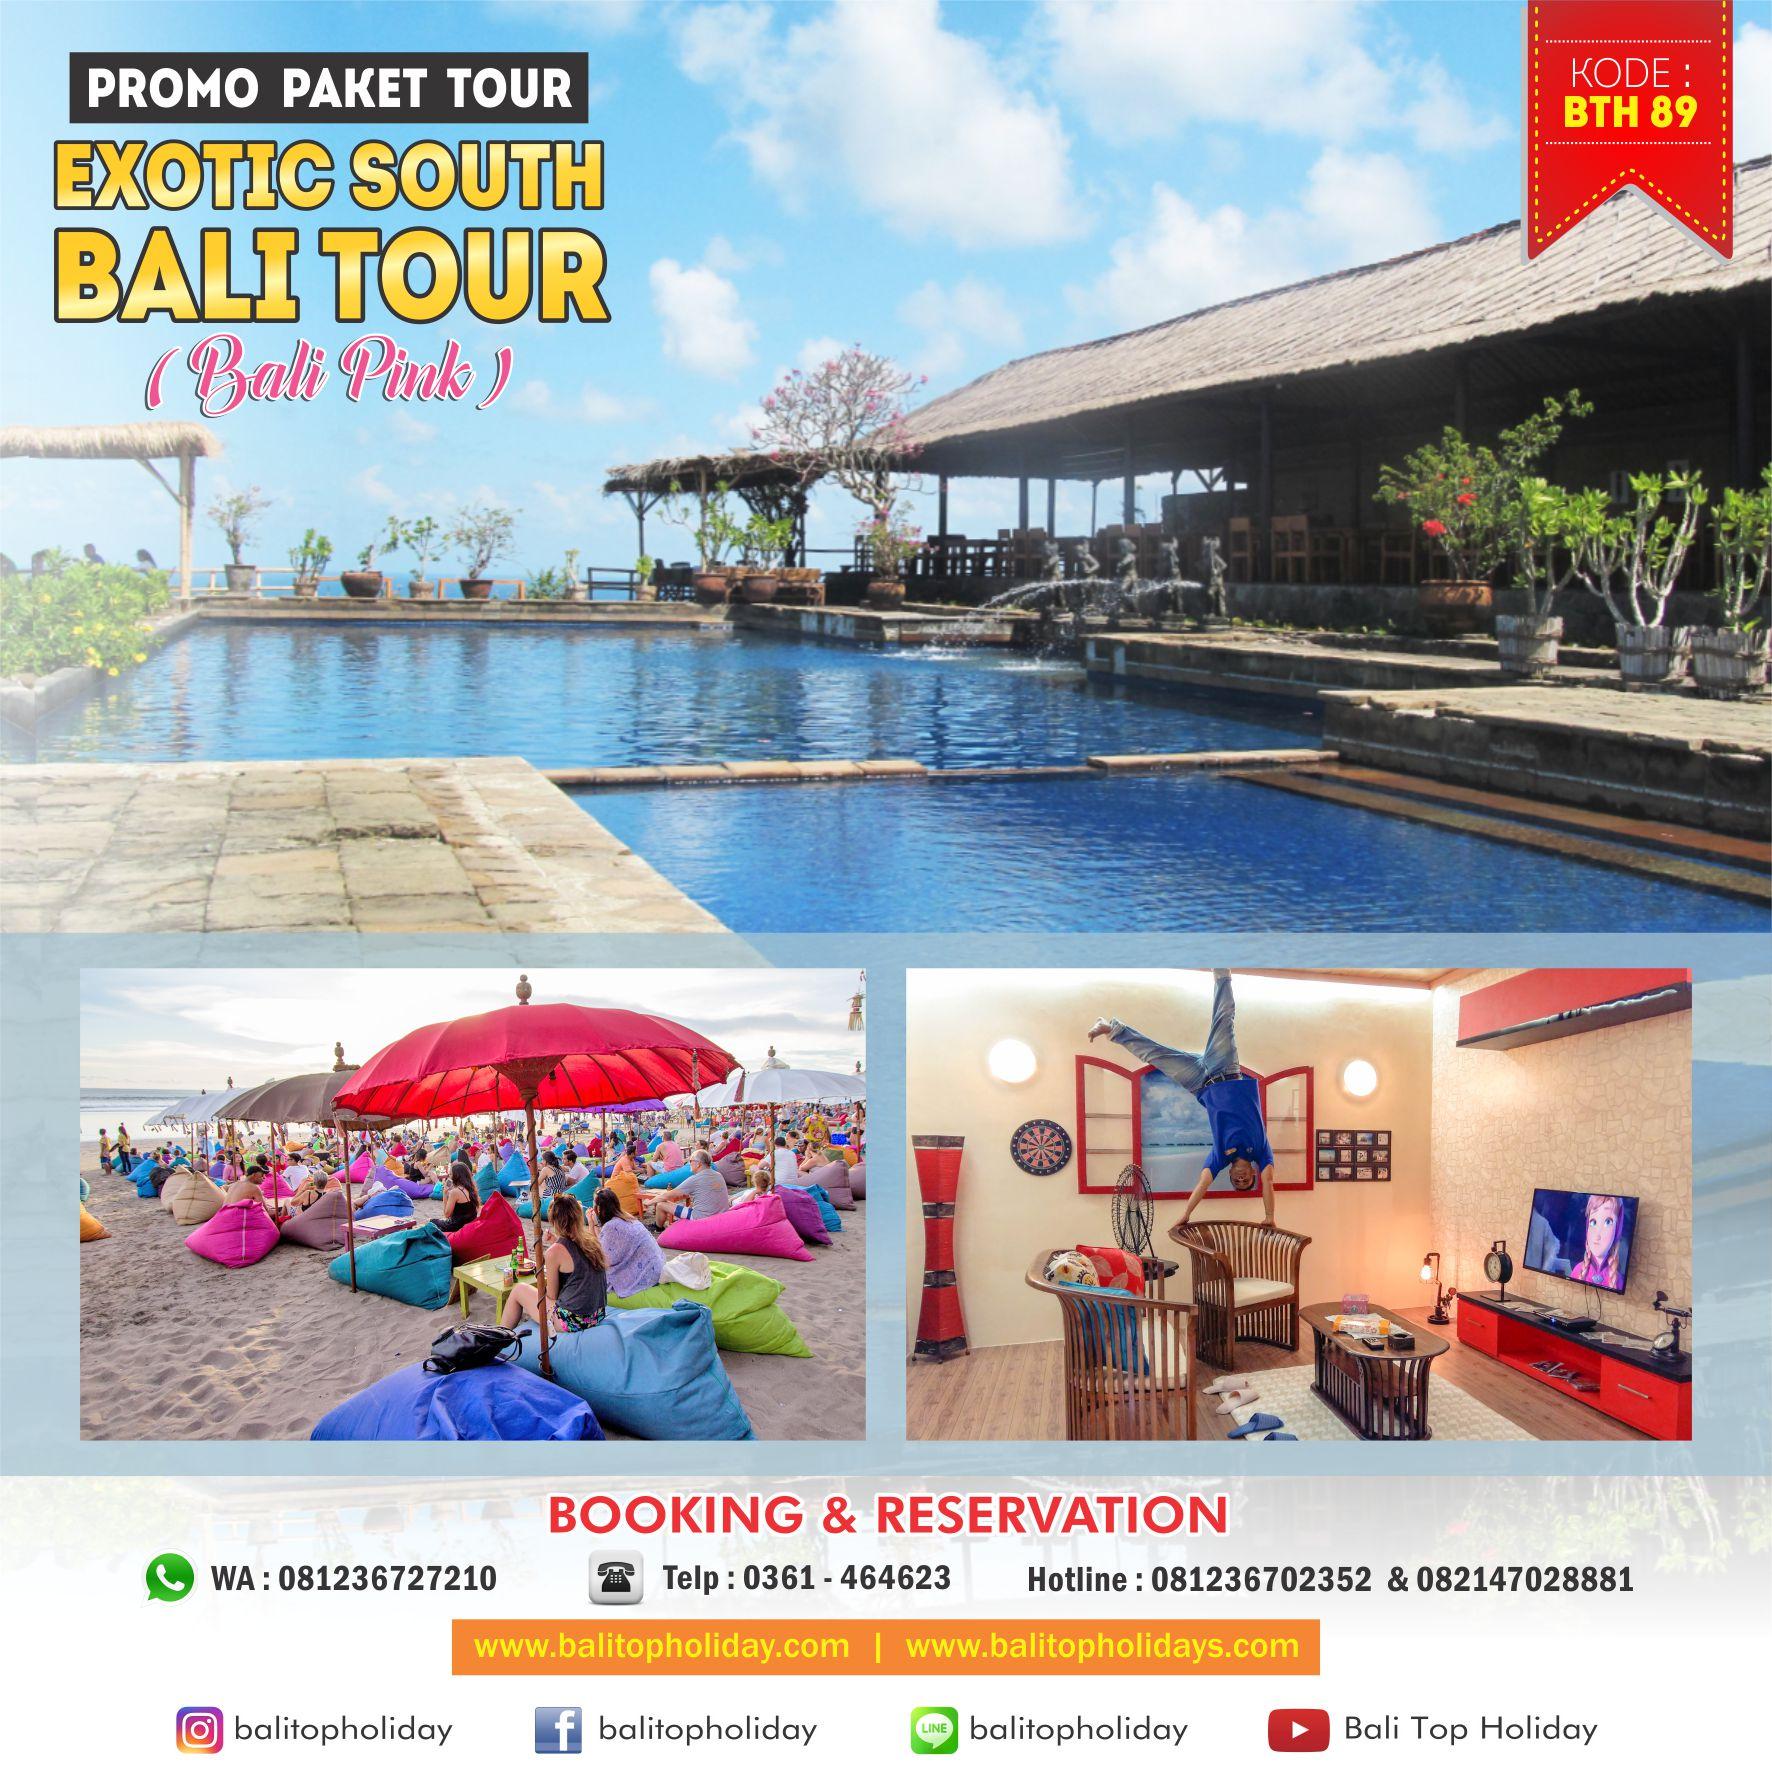 Paket Tour Bali 1 Hari Exotic South Bali